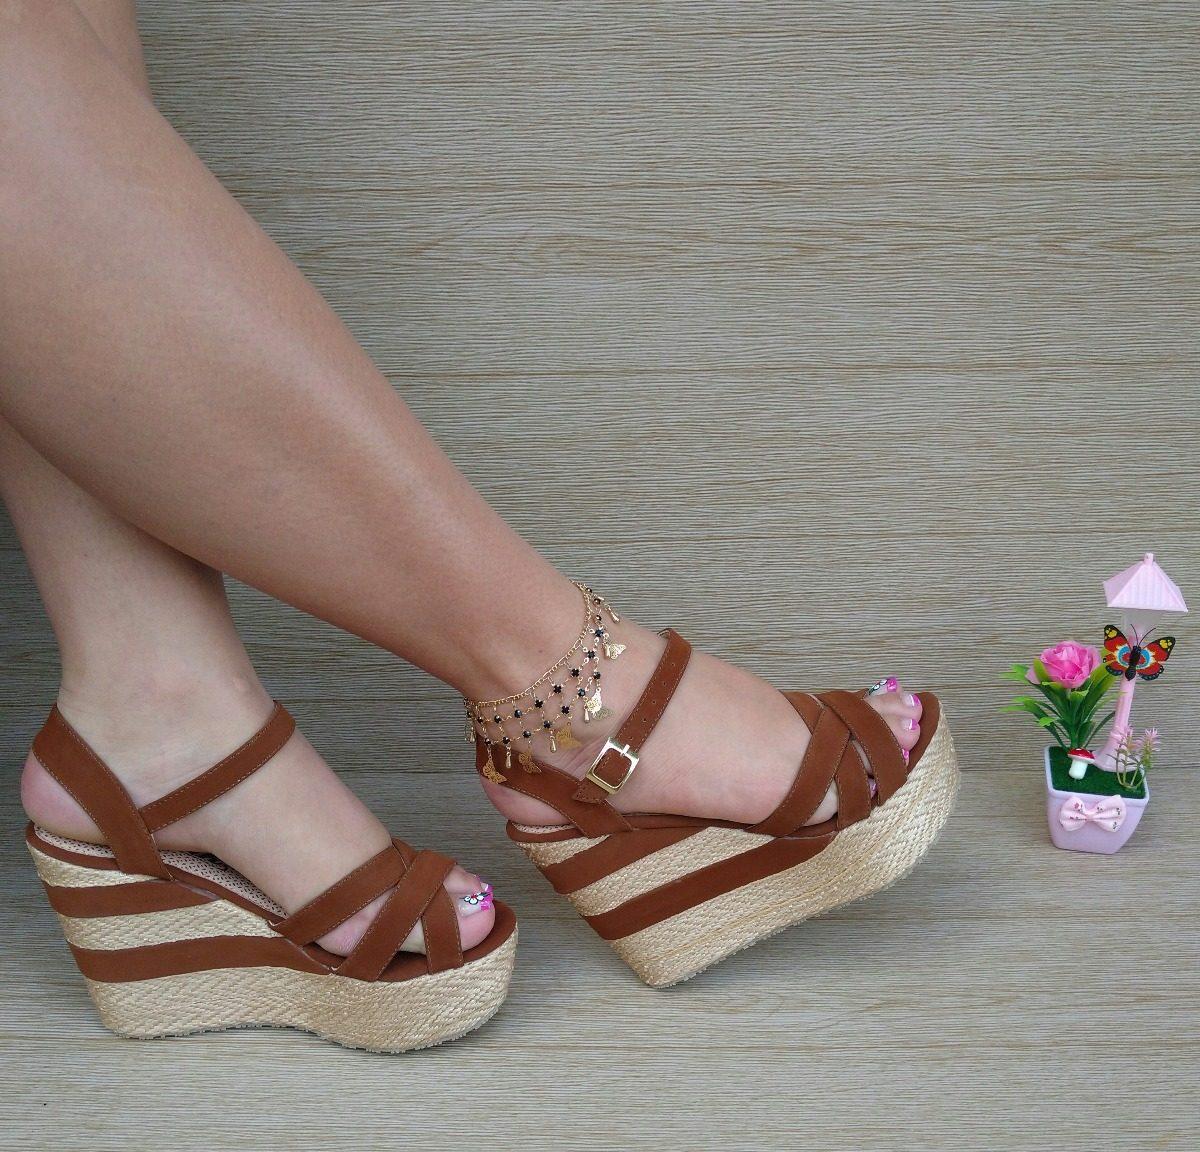 3b0017ae22a29 dama sandalia miel tacón corrido de moda para mujeres bellas. Cargando zoom.